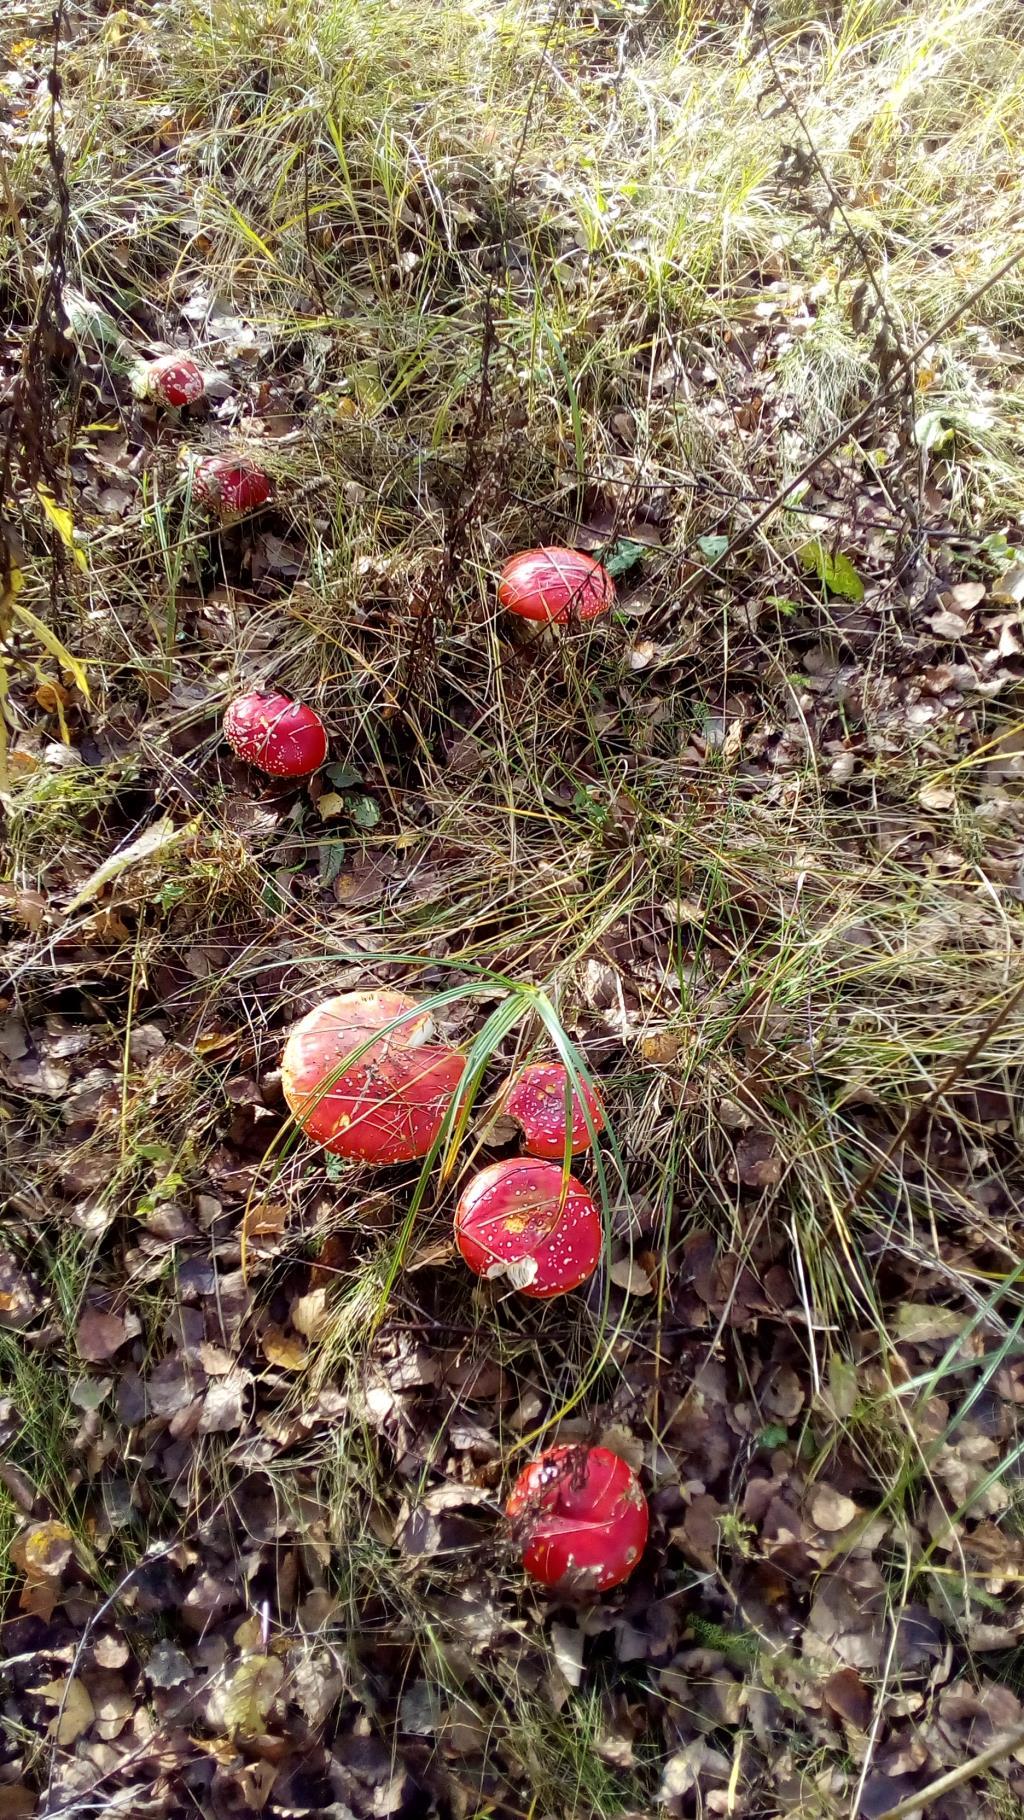 Волшебные грибы. Блиц: грибное царство